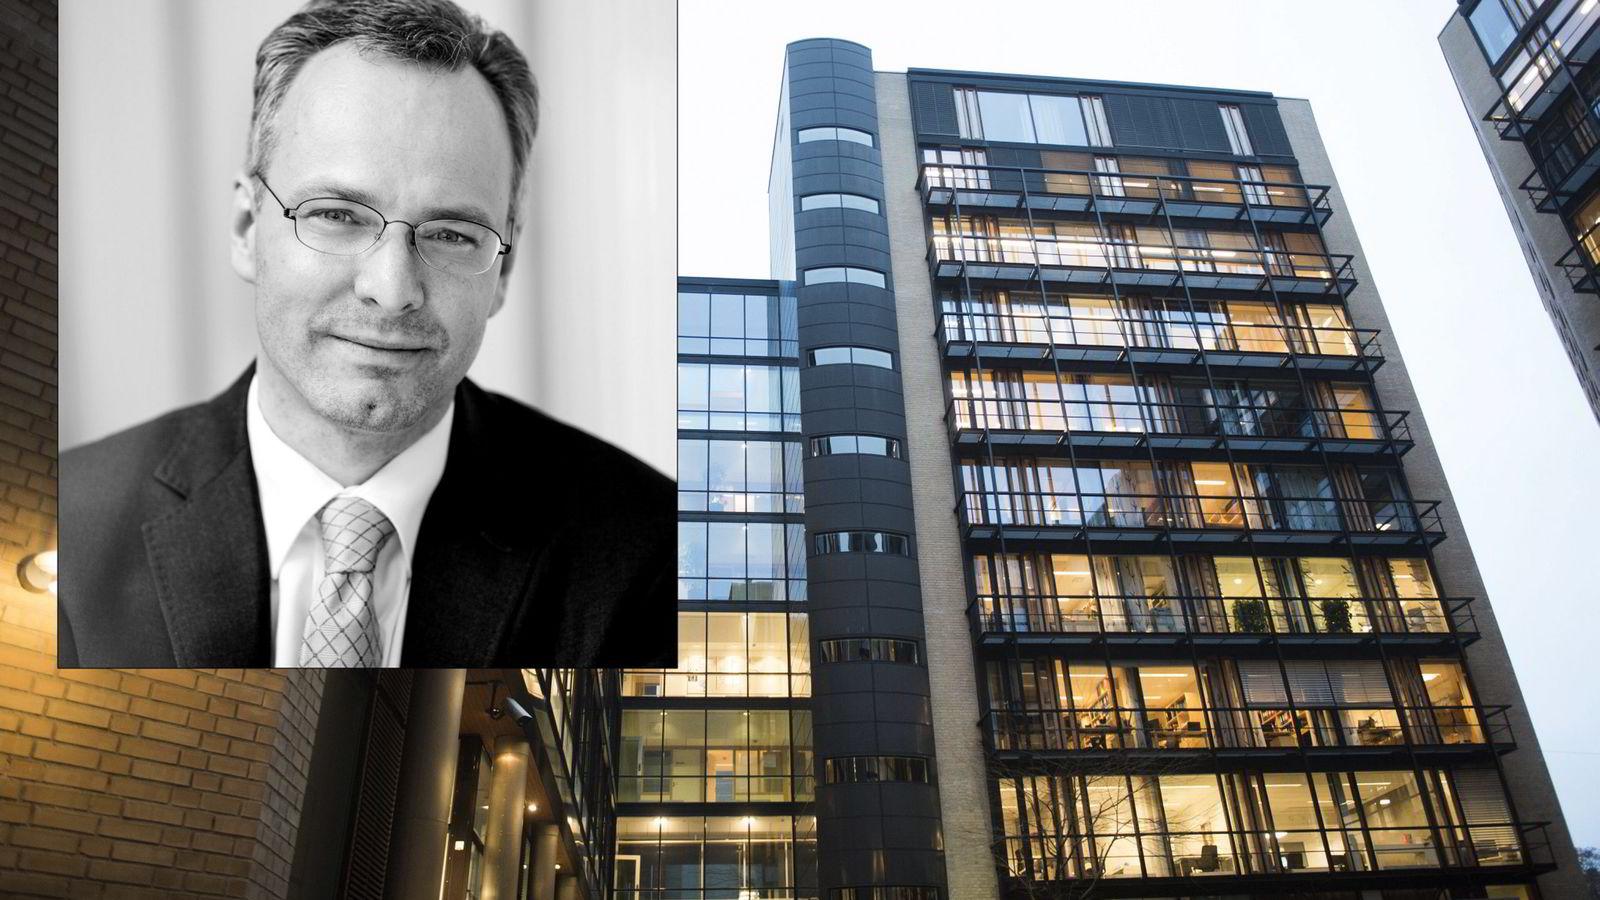 Advokat Nicolai V. Skjerdal (innfelt) forvarer Stein Harald Schie. FOTO: Per Ståle Bugjerde